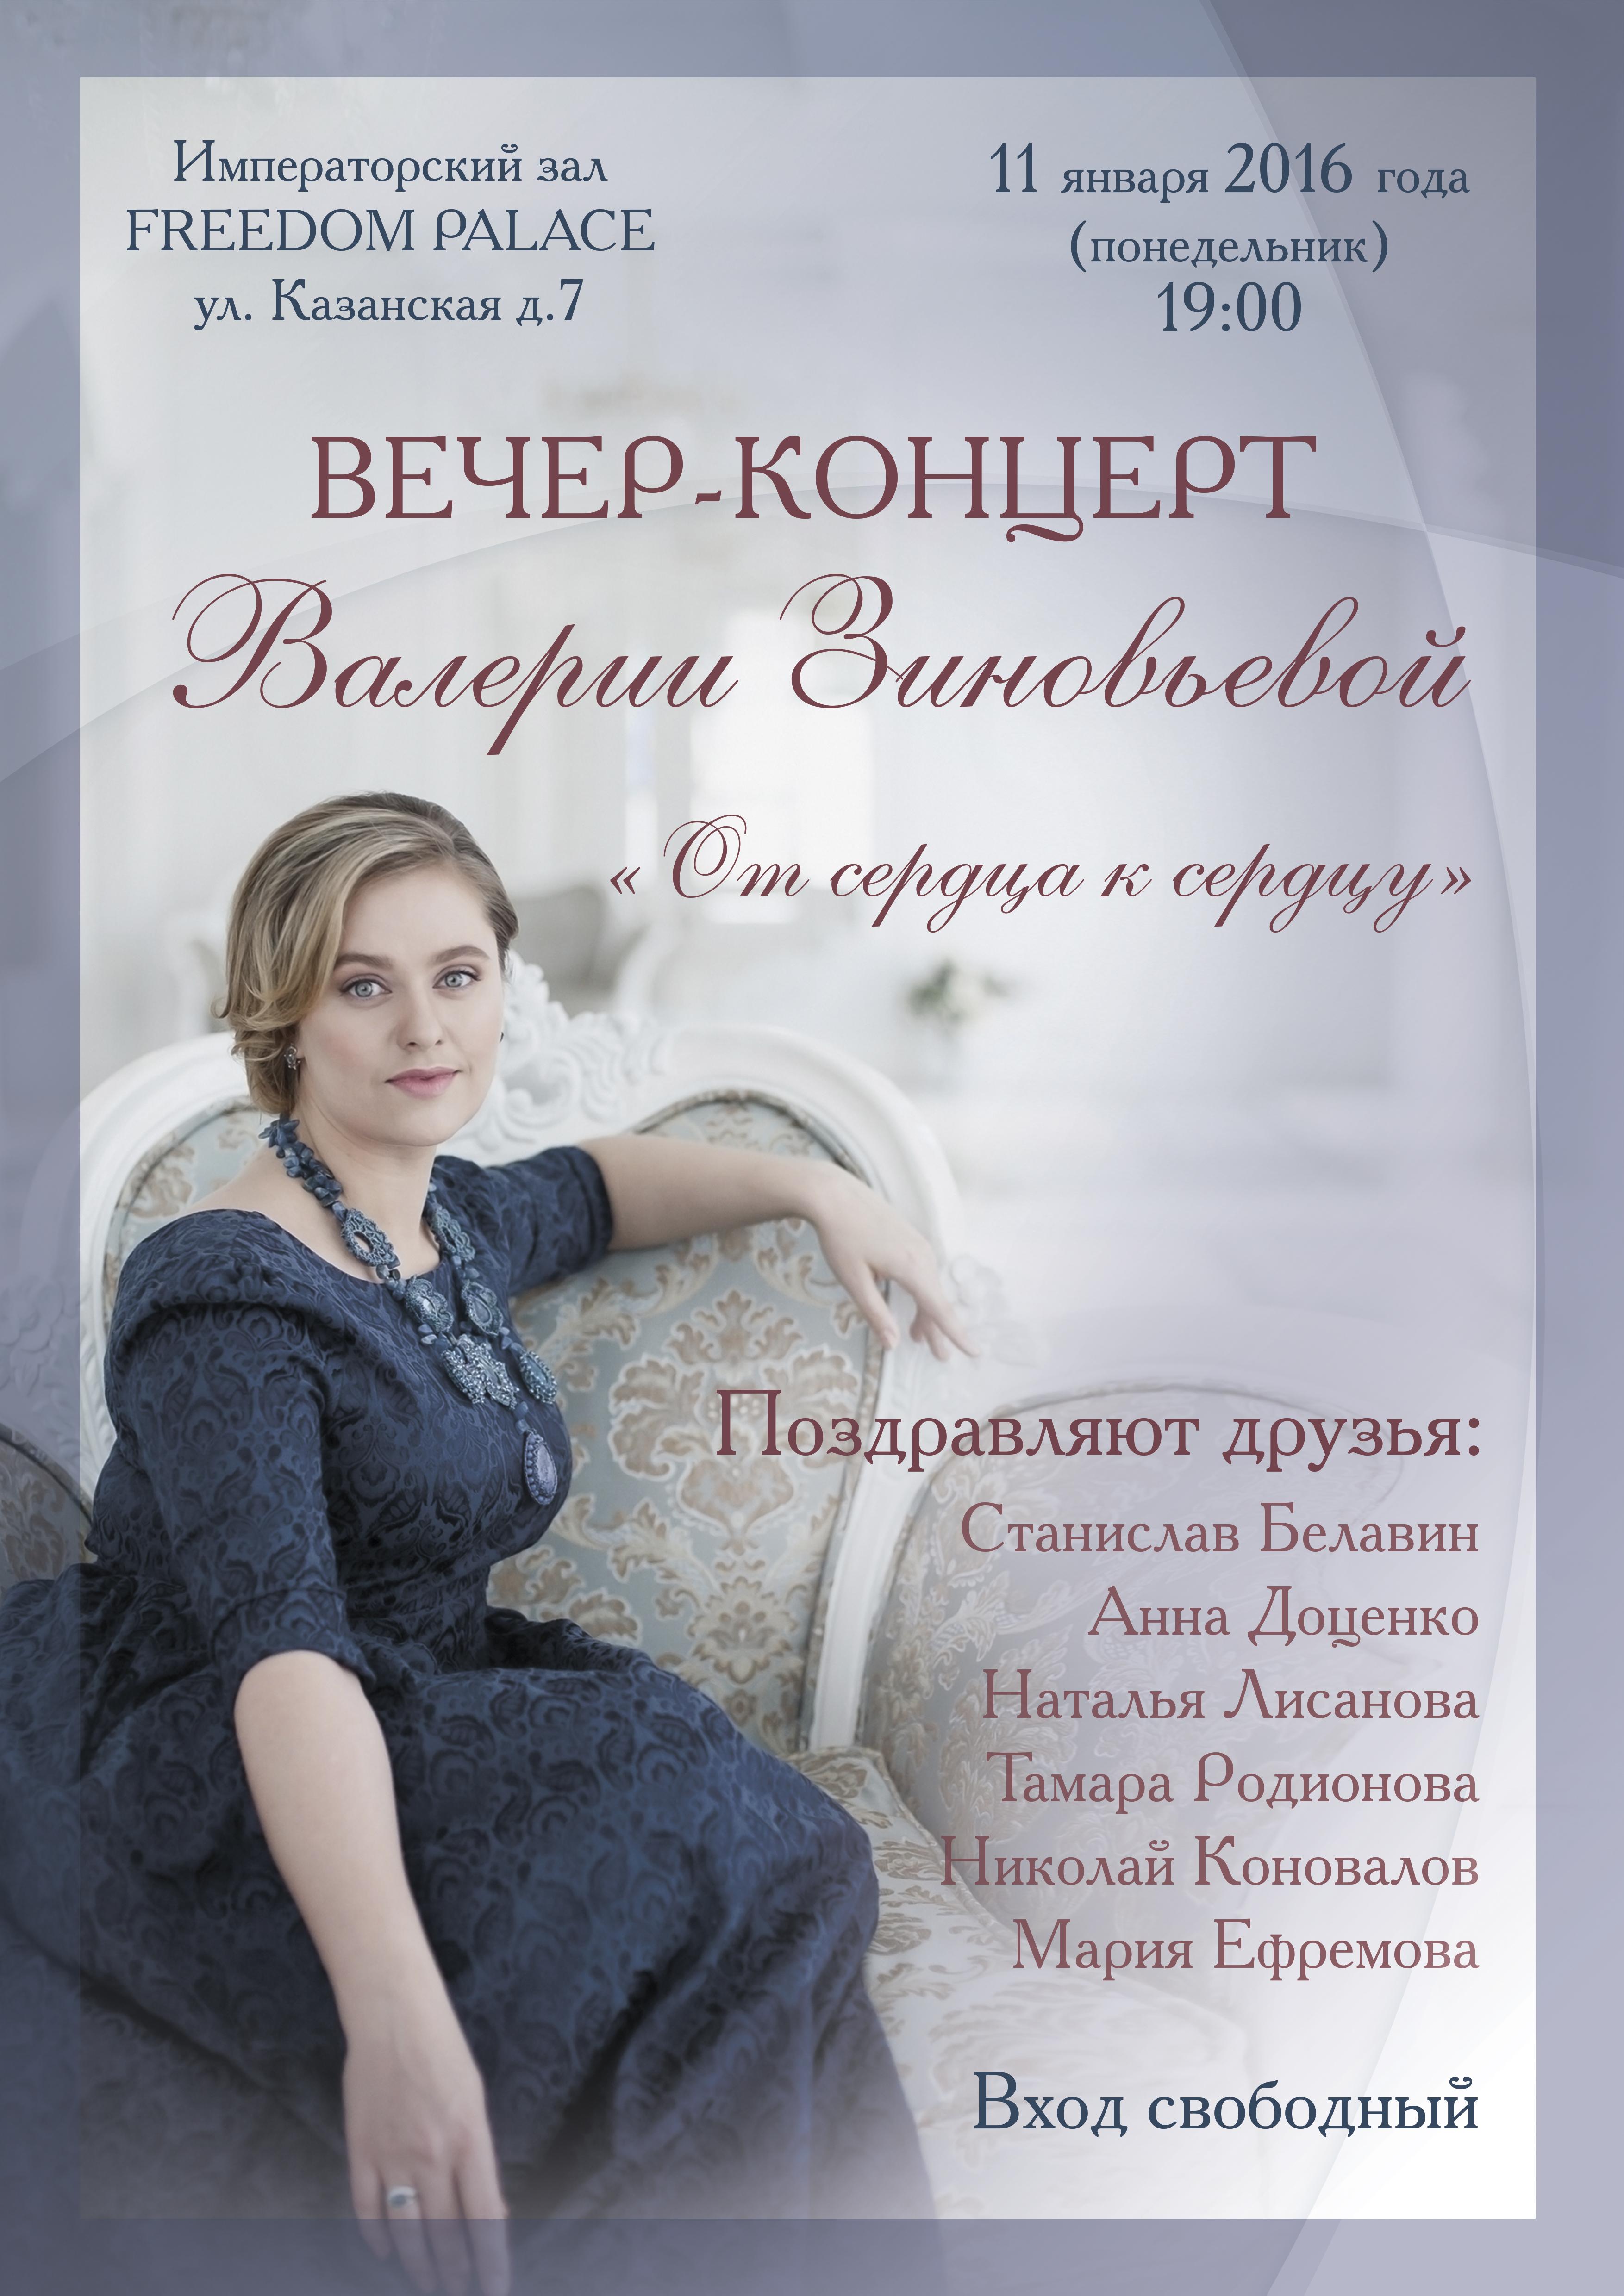 Вечер-концерт Валерии Зиновьевой «Отсердца ксердцу»